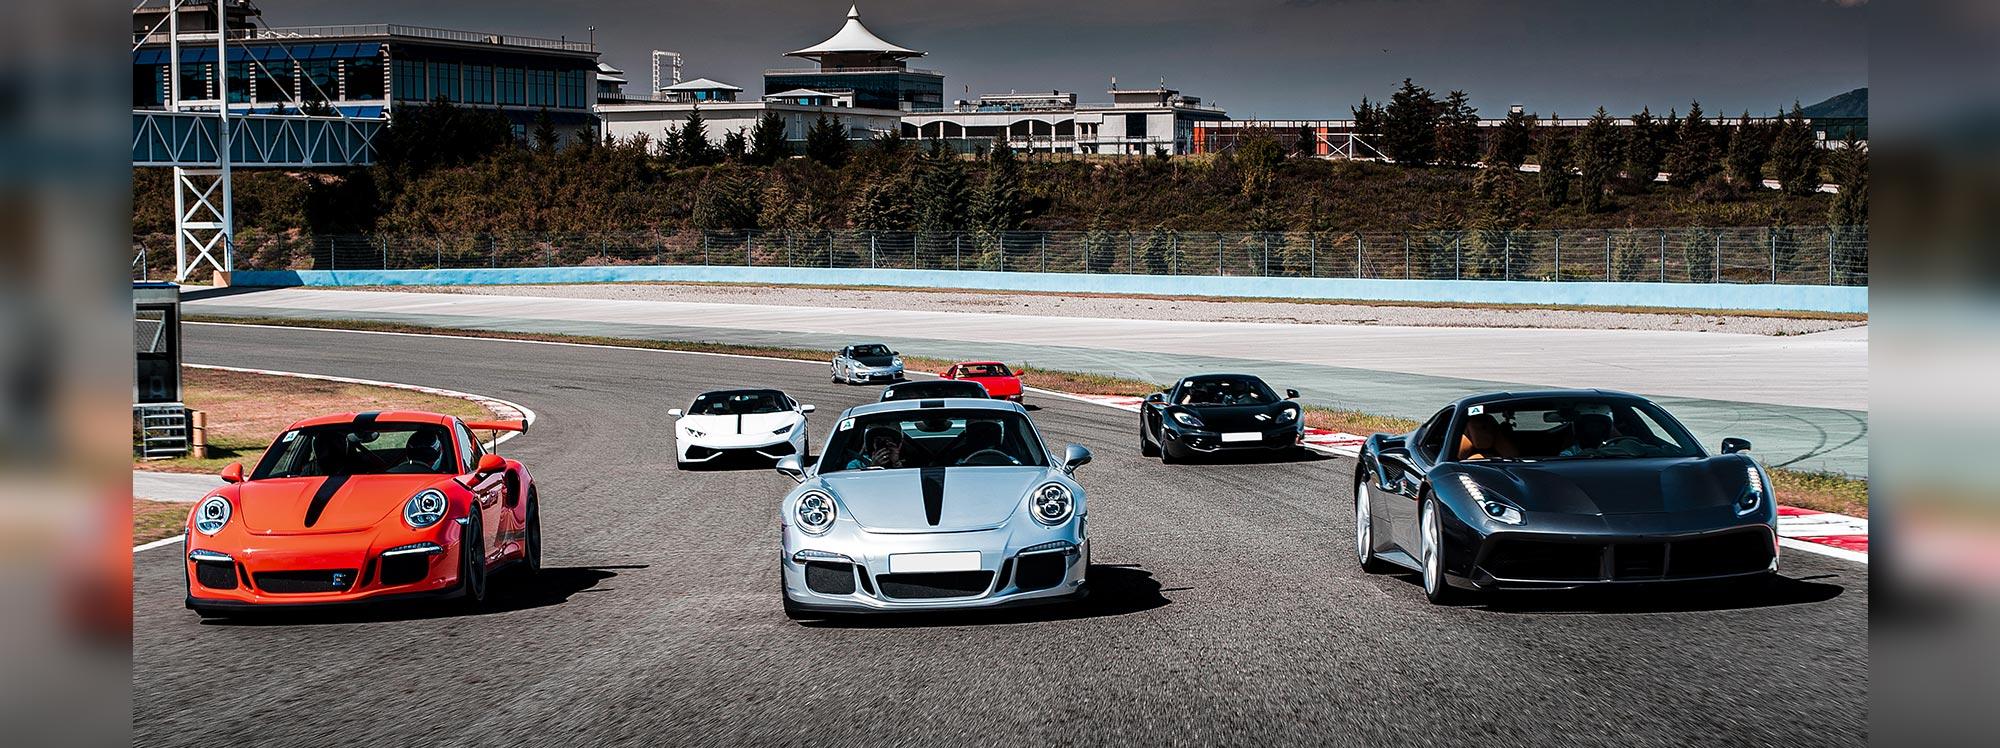 ¿Cómo nació la gran competencia Le Mans?